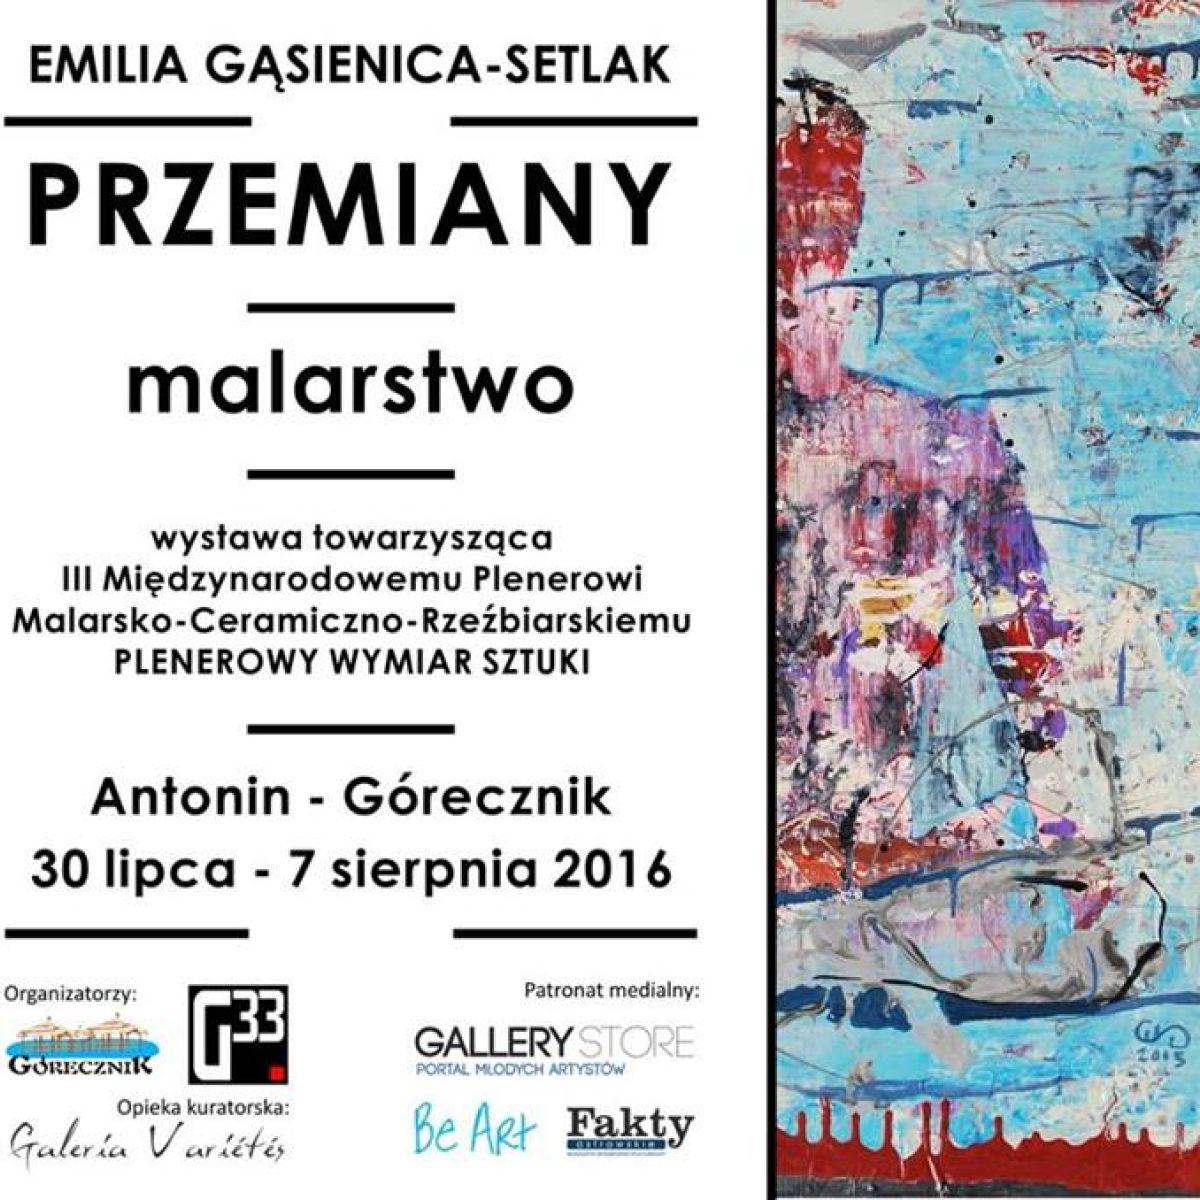 Pod Patronatem Gallerystore: Przemiany - wystawa malarstwa Emilii Gąsienicy-Setlak